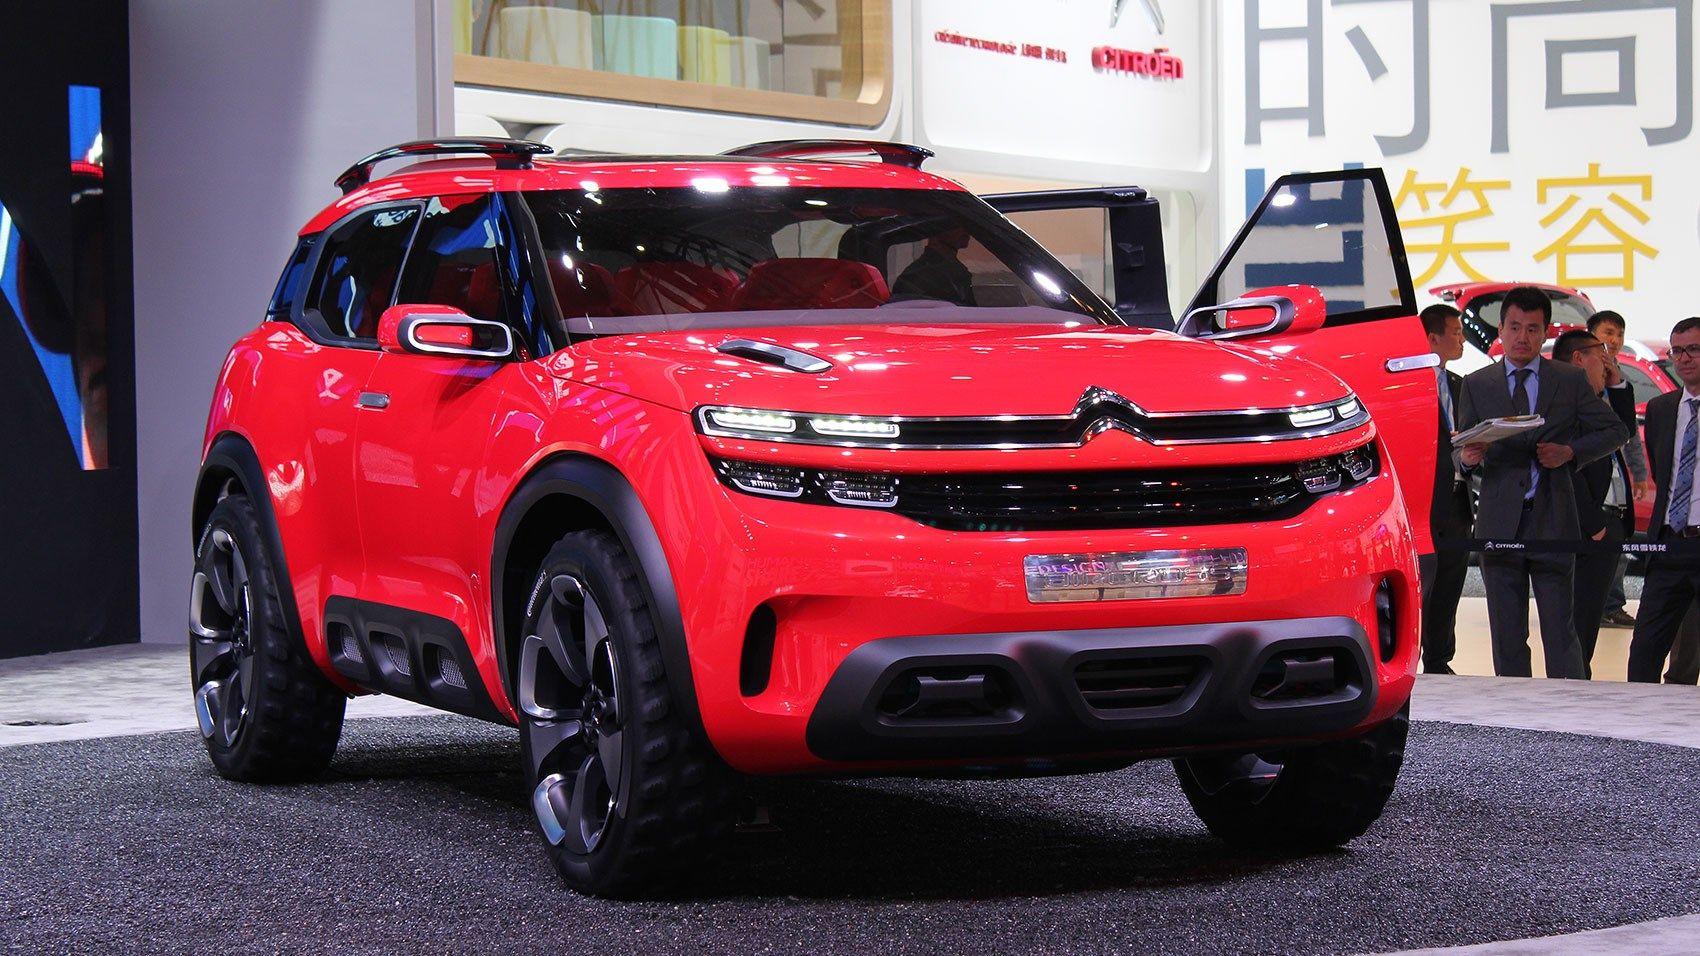 2015 Citroen Aircross Concept Car Exterior Motor Car